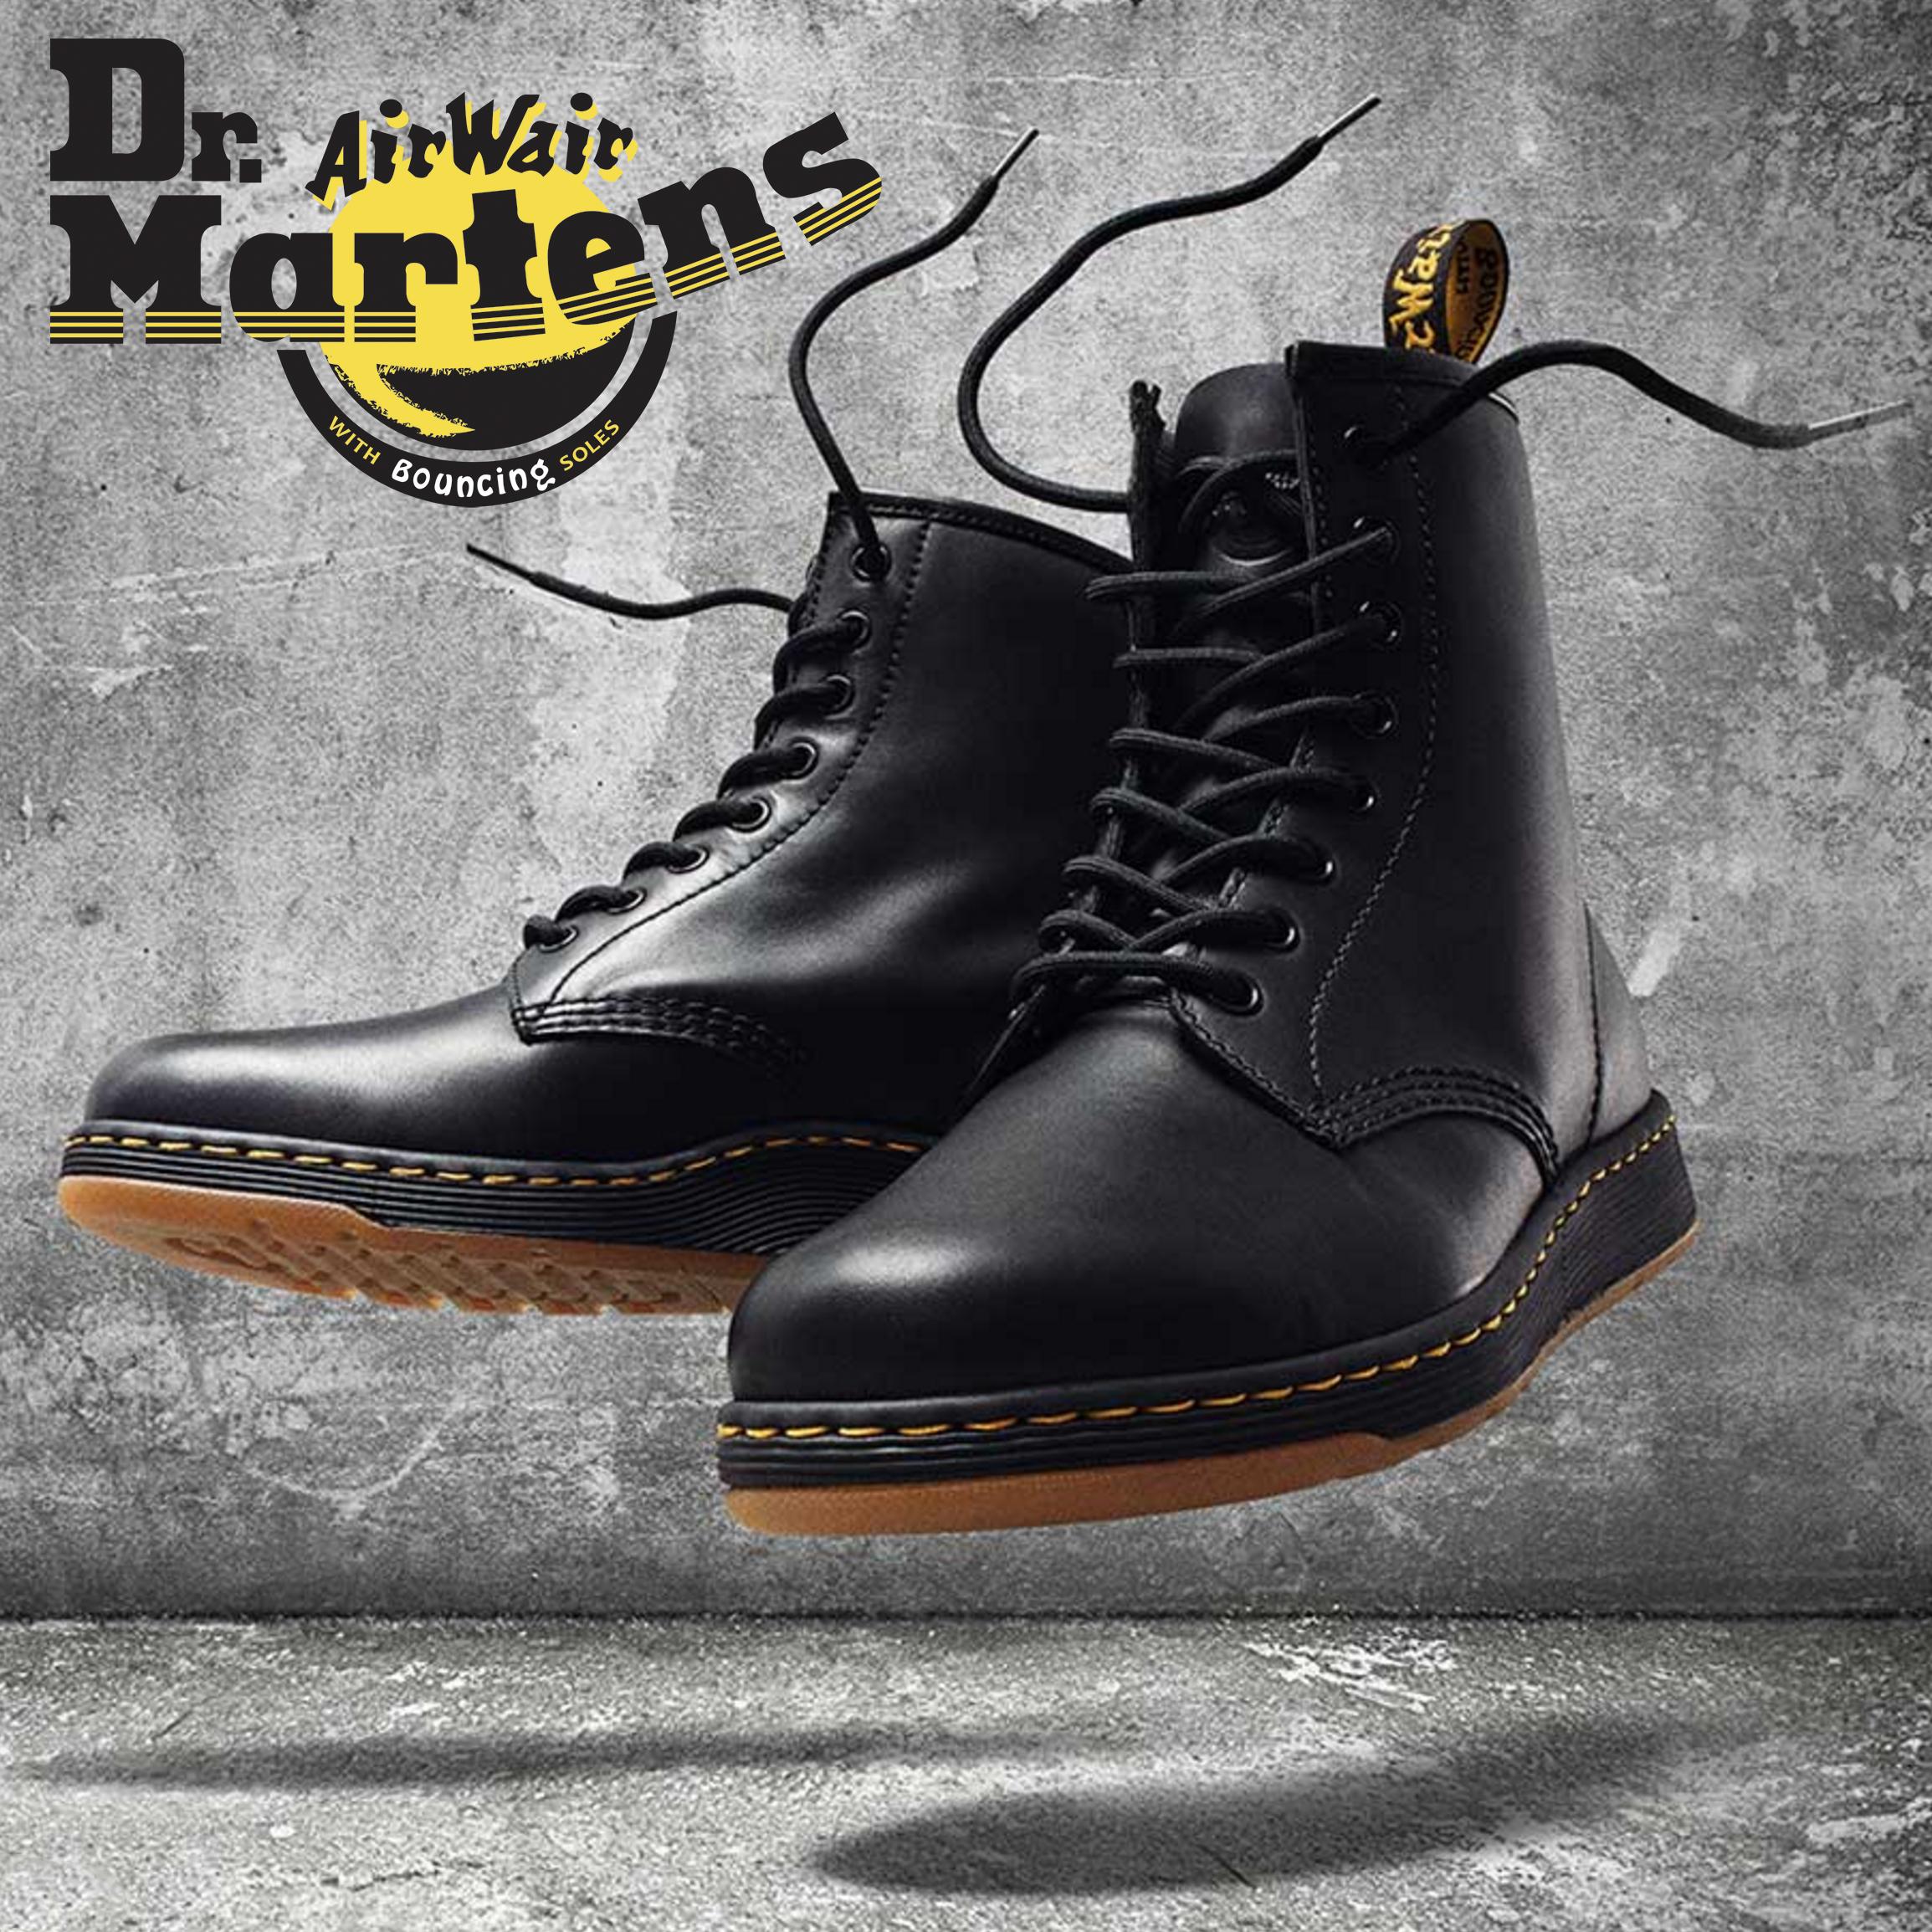 najlepiej tanio najlepszy dostawca kup tanio Product Review: Dr. Martens DMs Lite — RW Beyond The Box